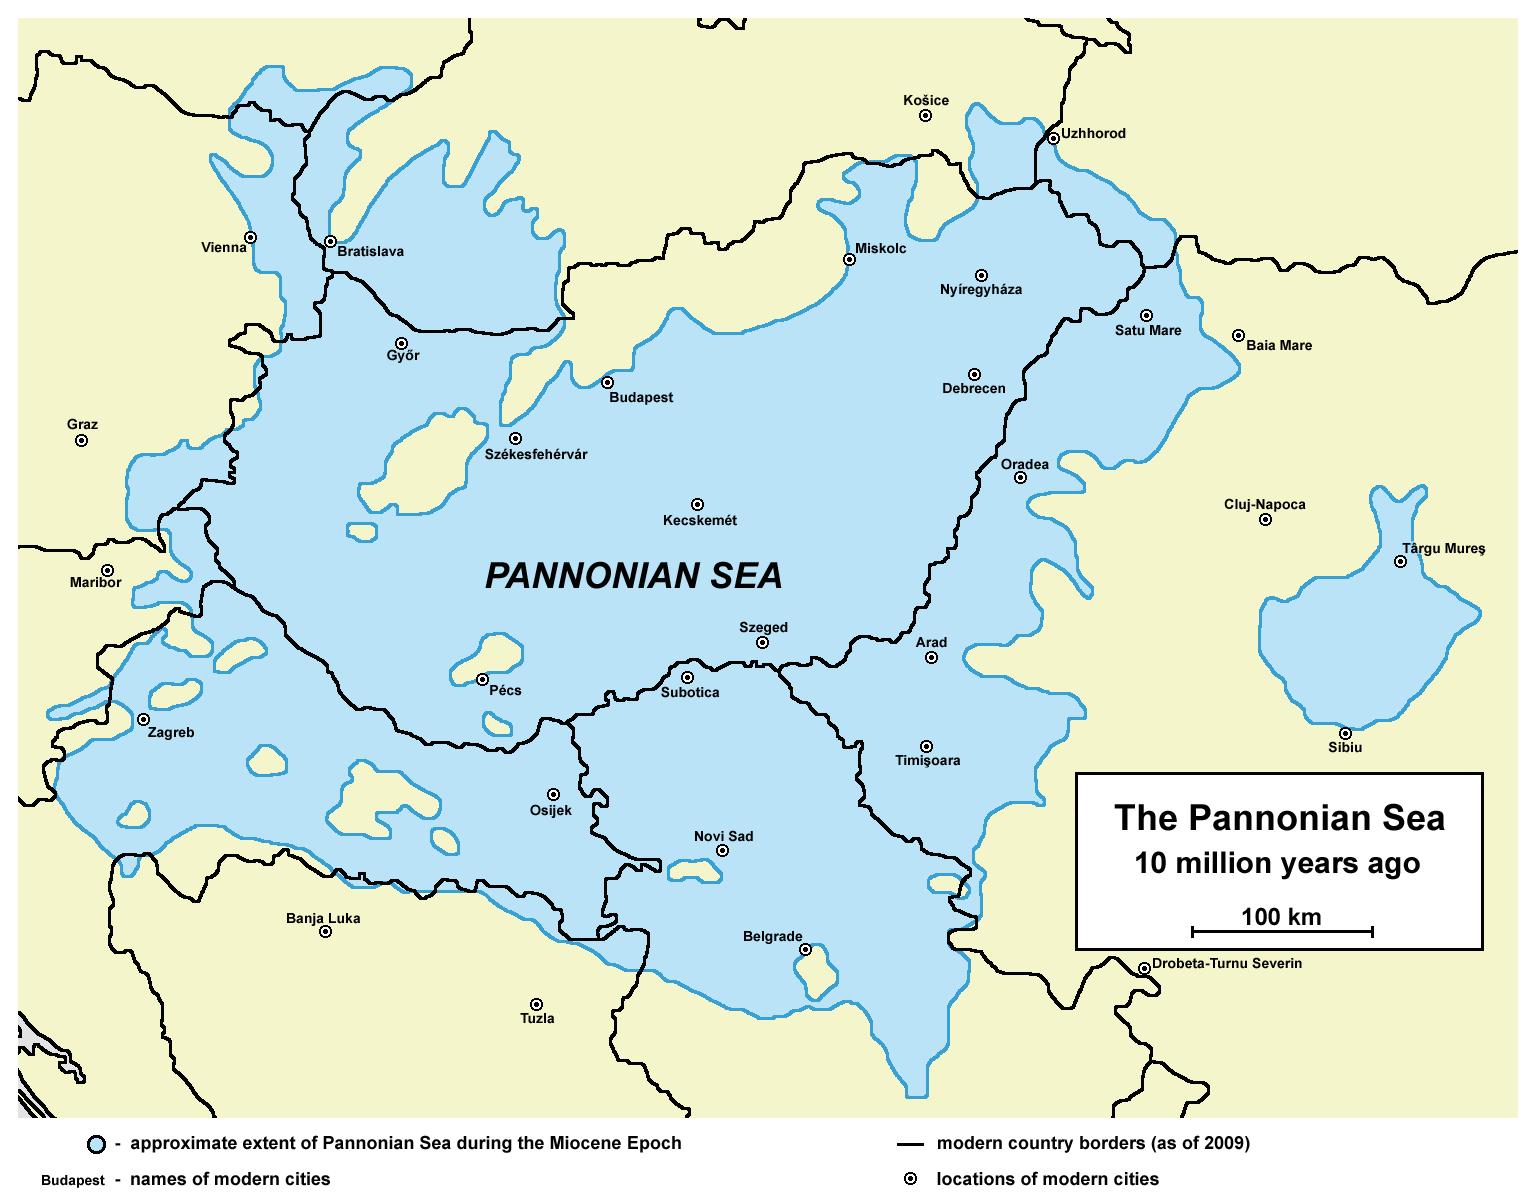 Miocene World Map.Pannonian Sea Wikipedia